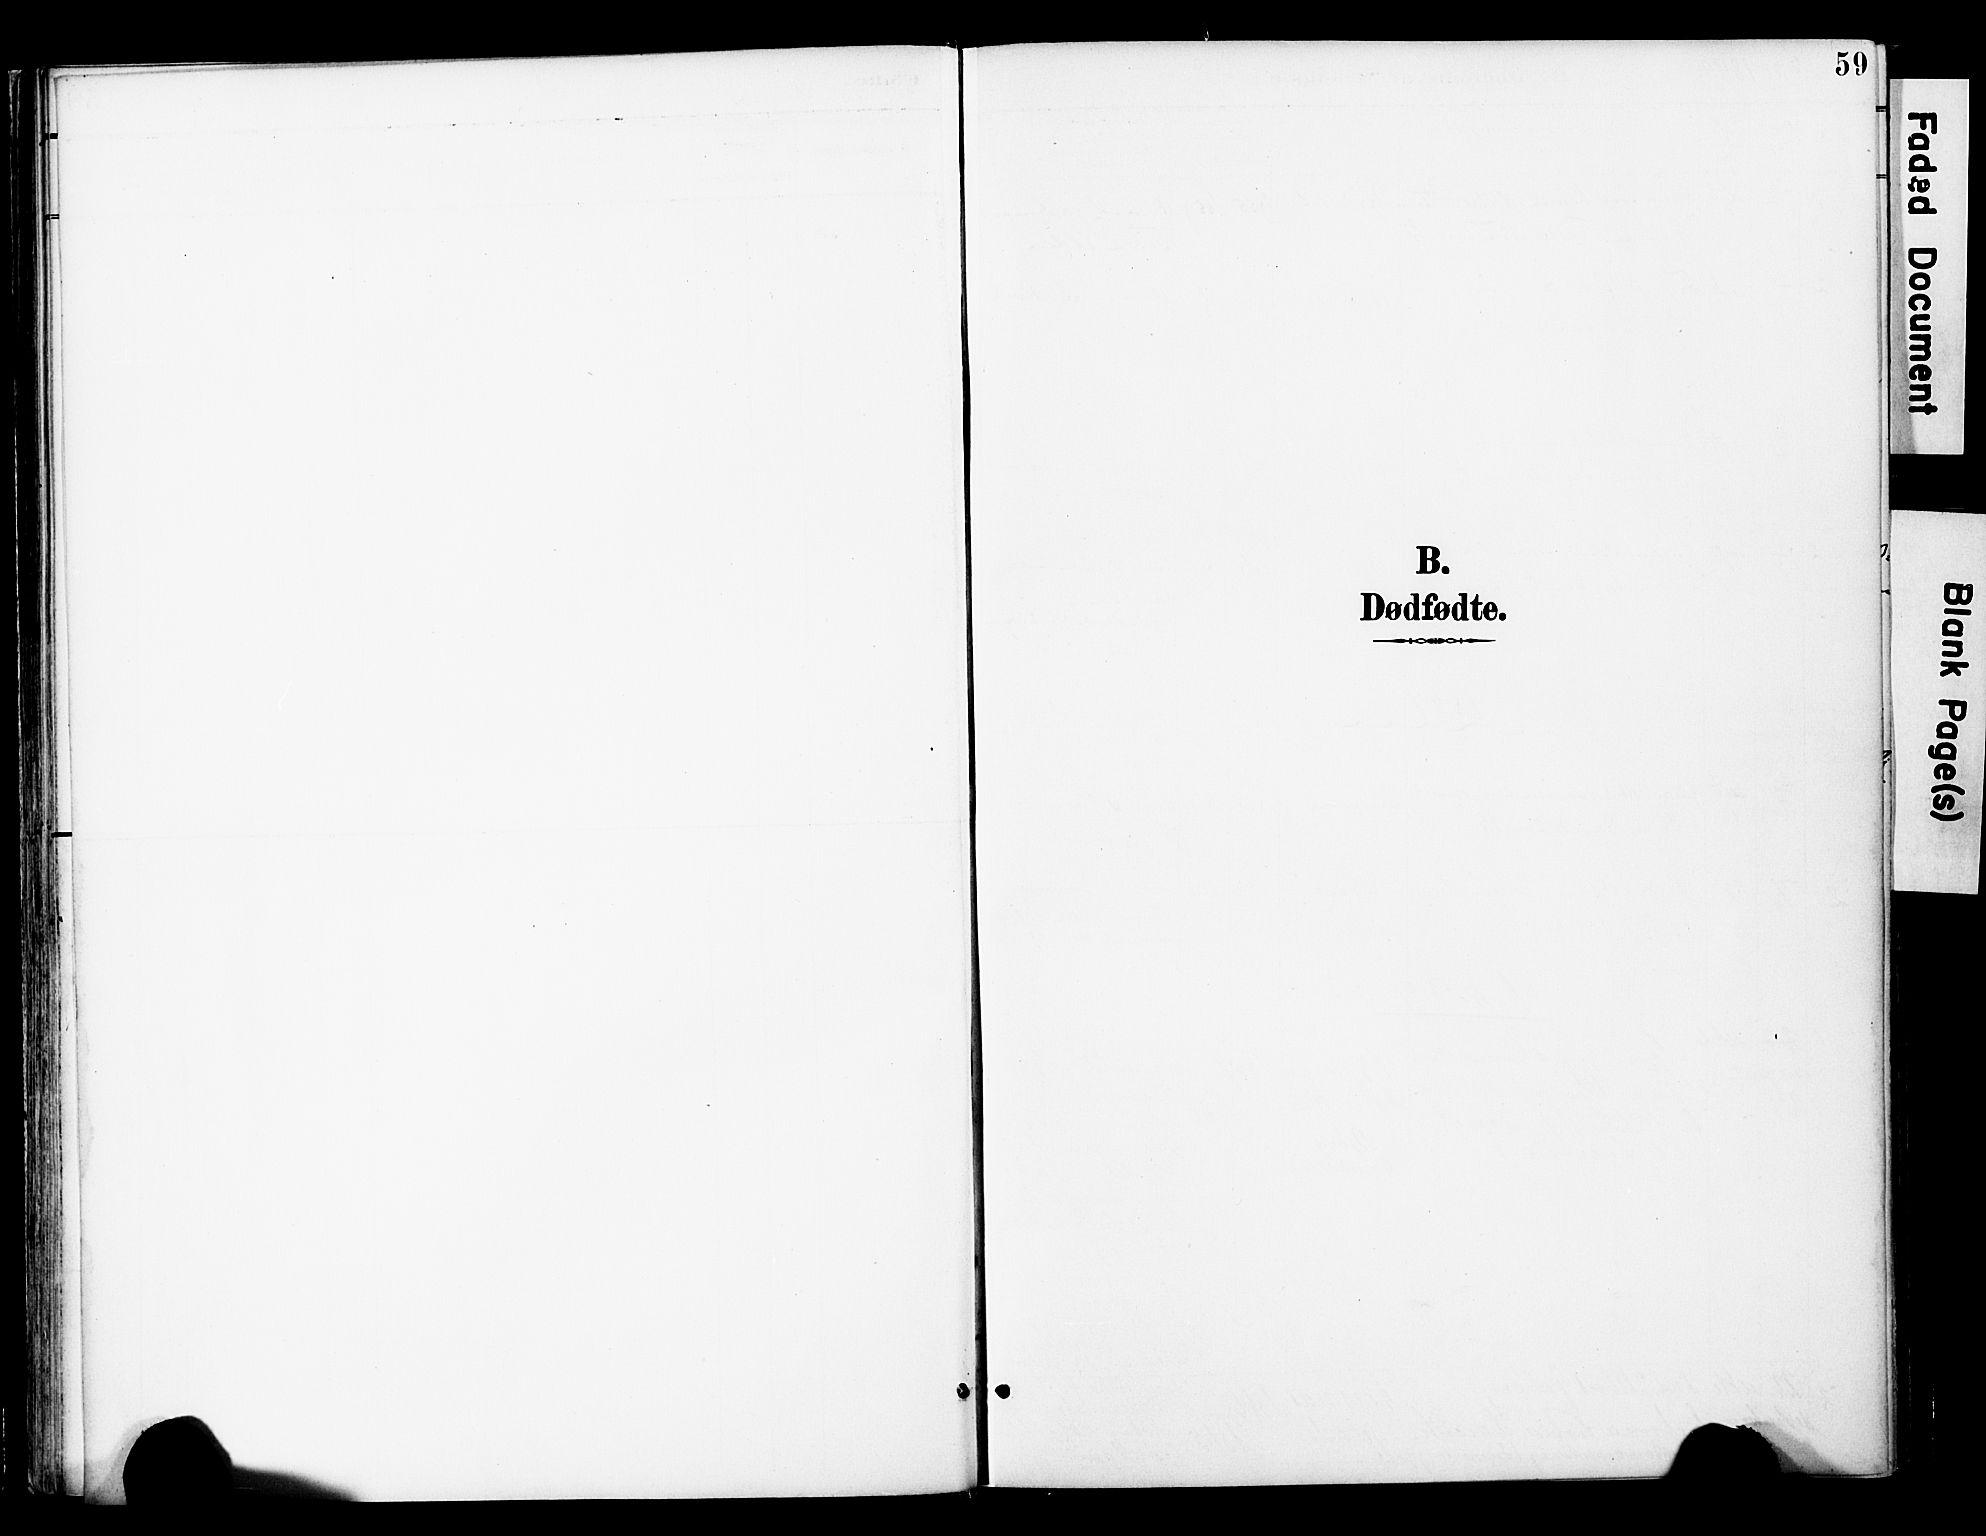 SAT, Ministerialprotokoller, klokkerbøker og fødselsregistre - Nord-Trøndelag, 742/L0409: Ministerialbok nr. 742A02, 1891-1905, s. 59